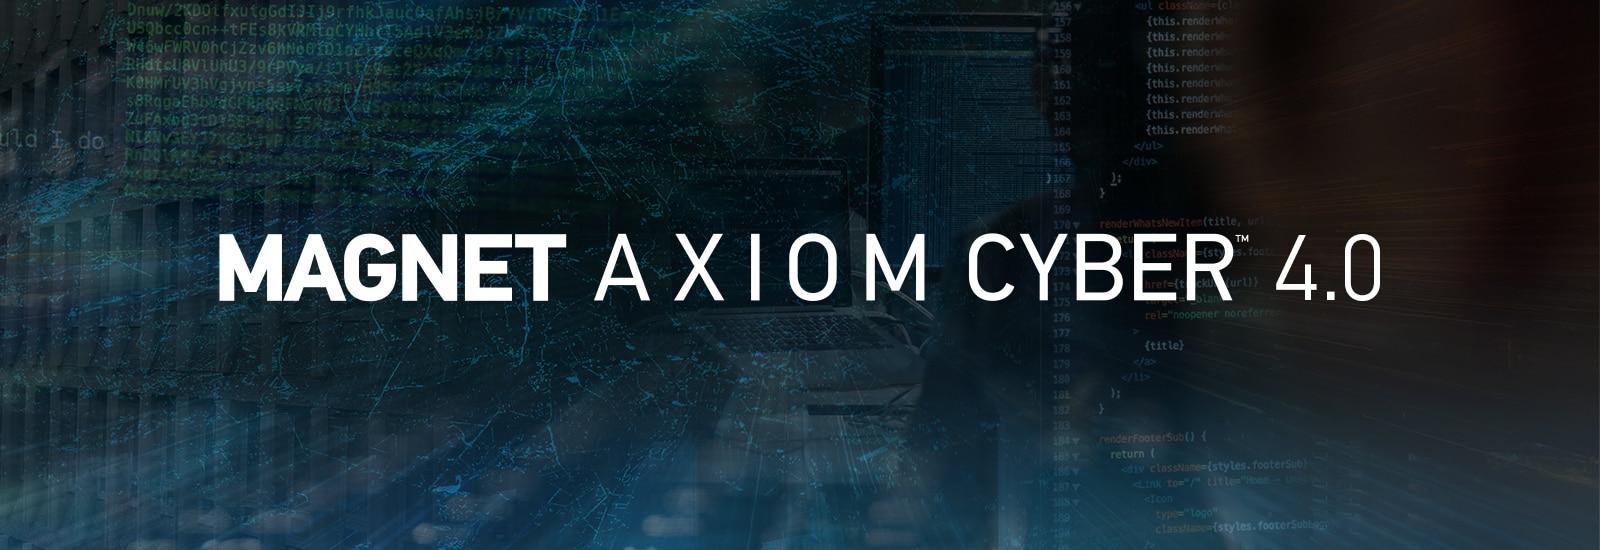 Magnet AXIOM Cyber 4.0